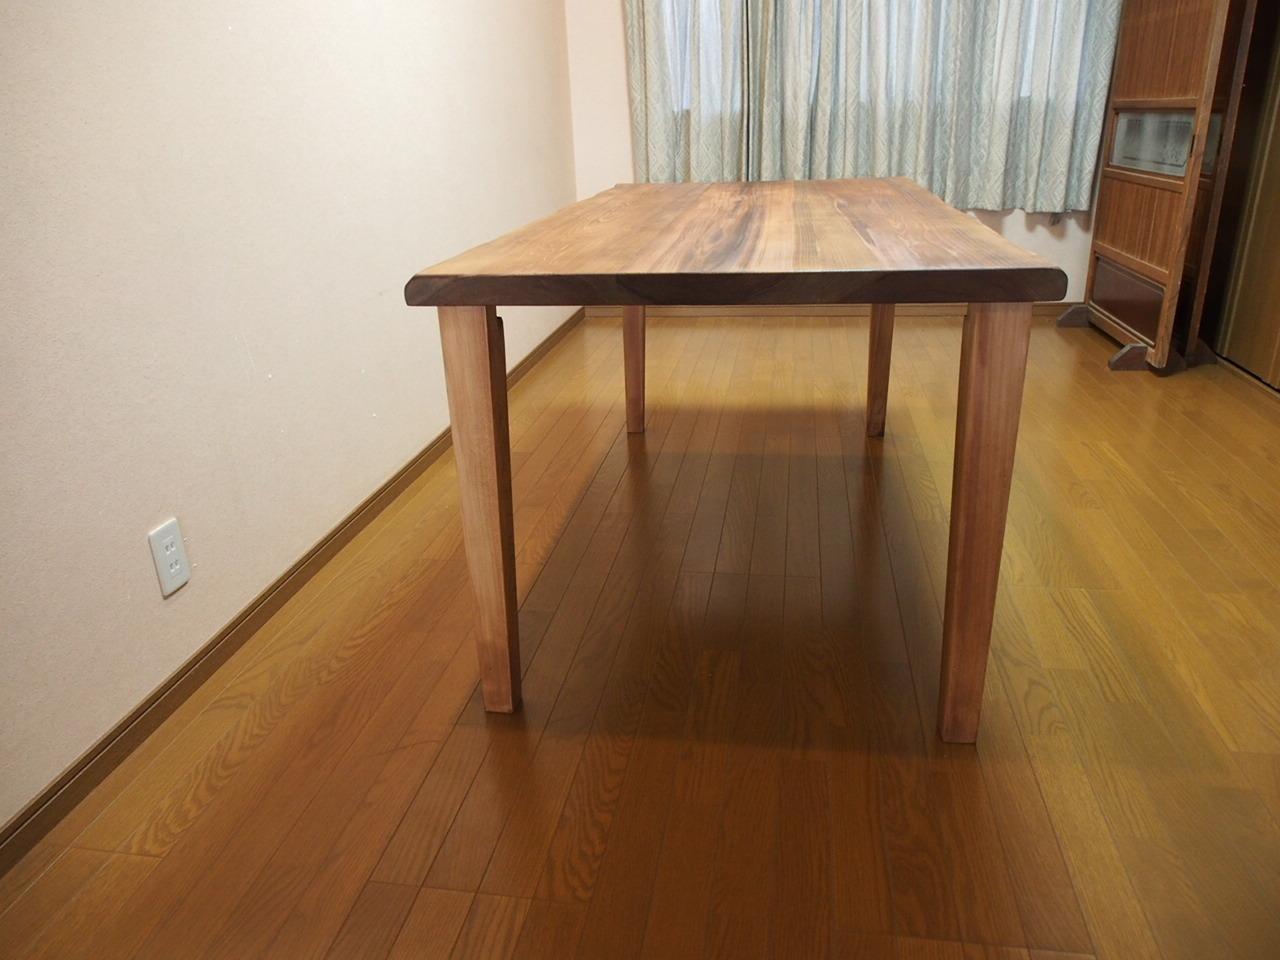 無垢材のテーブルはじざい工房